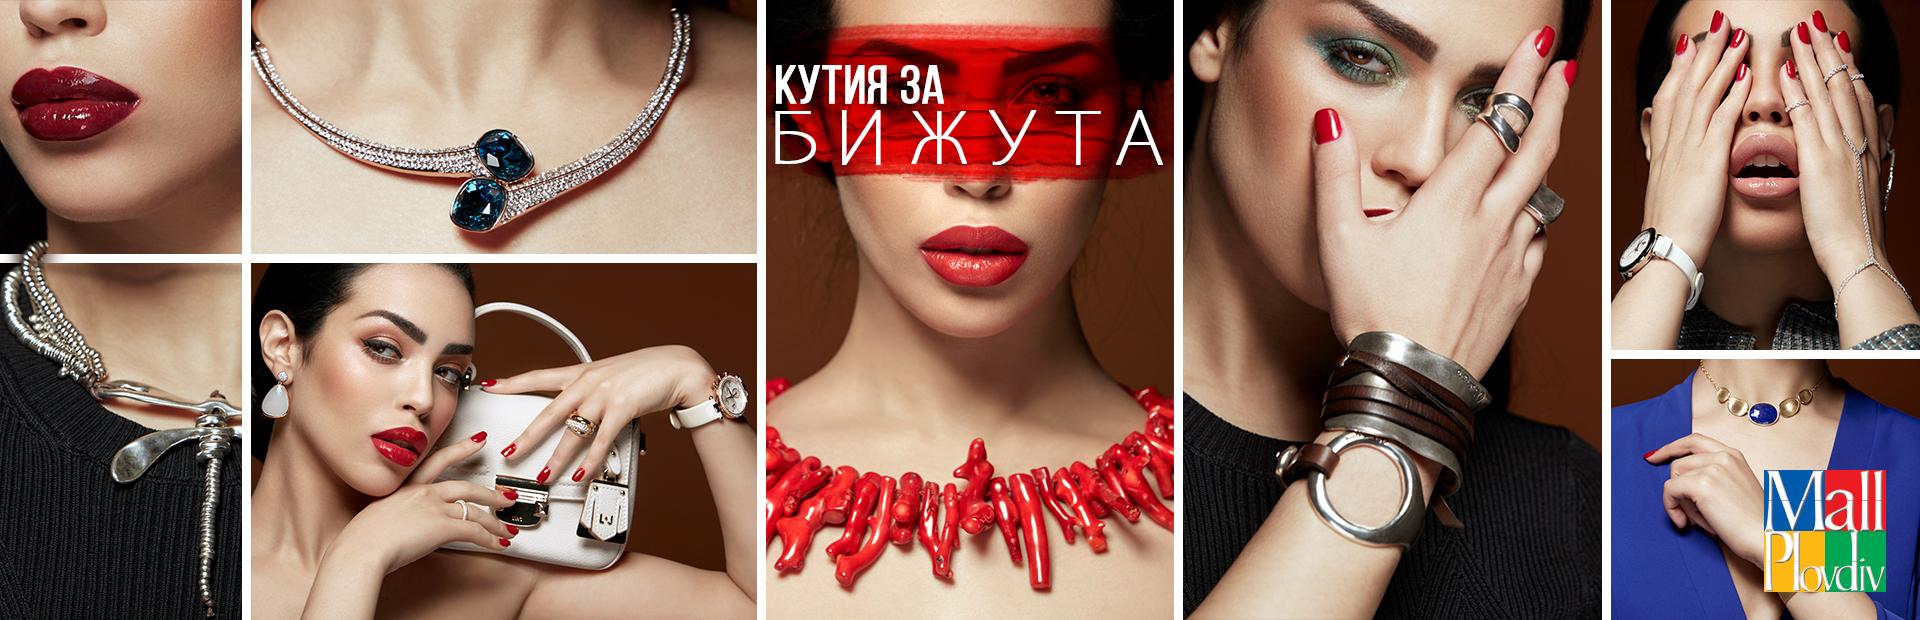 header_1920x620px_jewelry